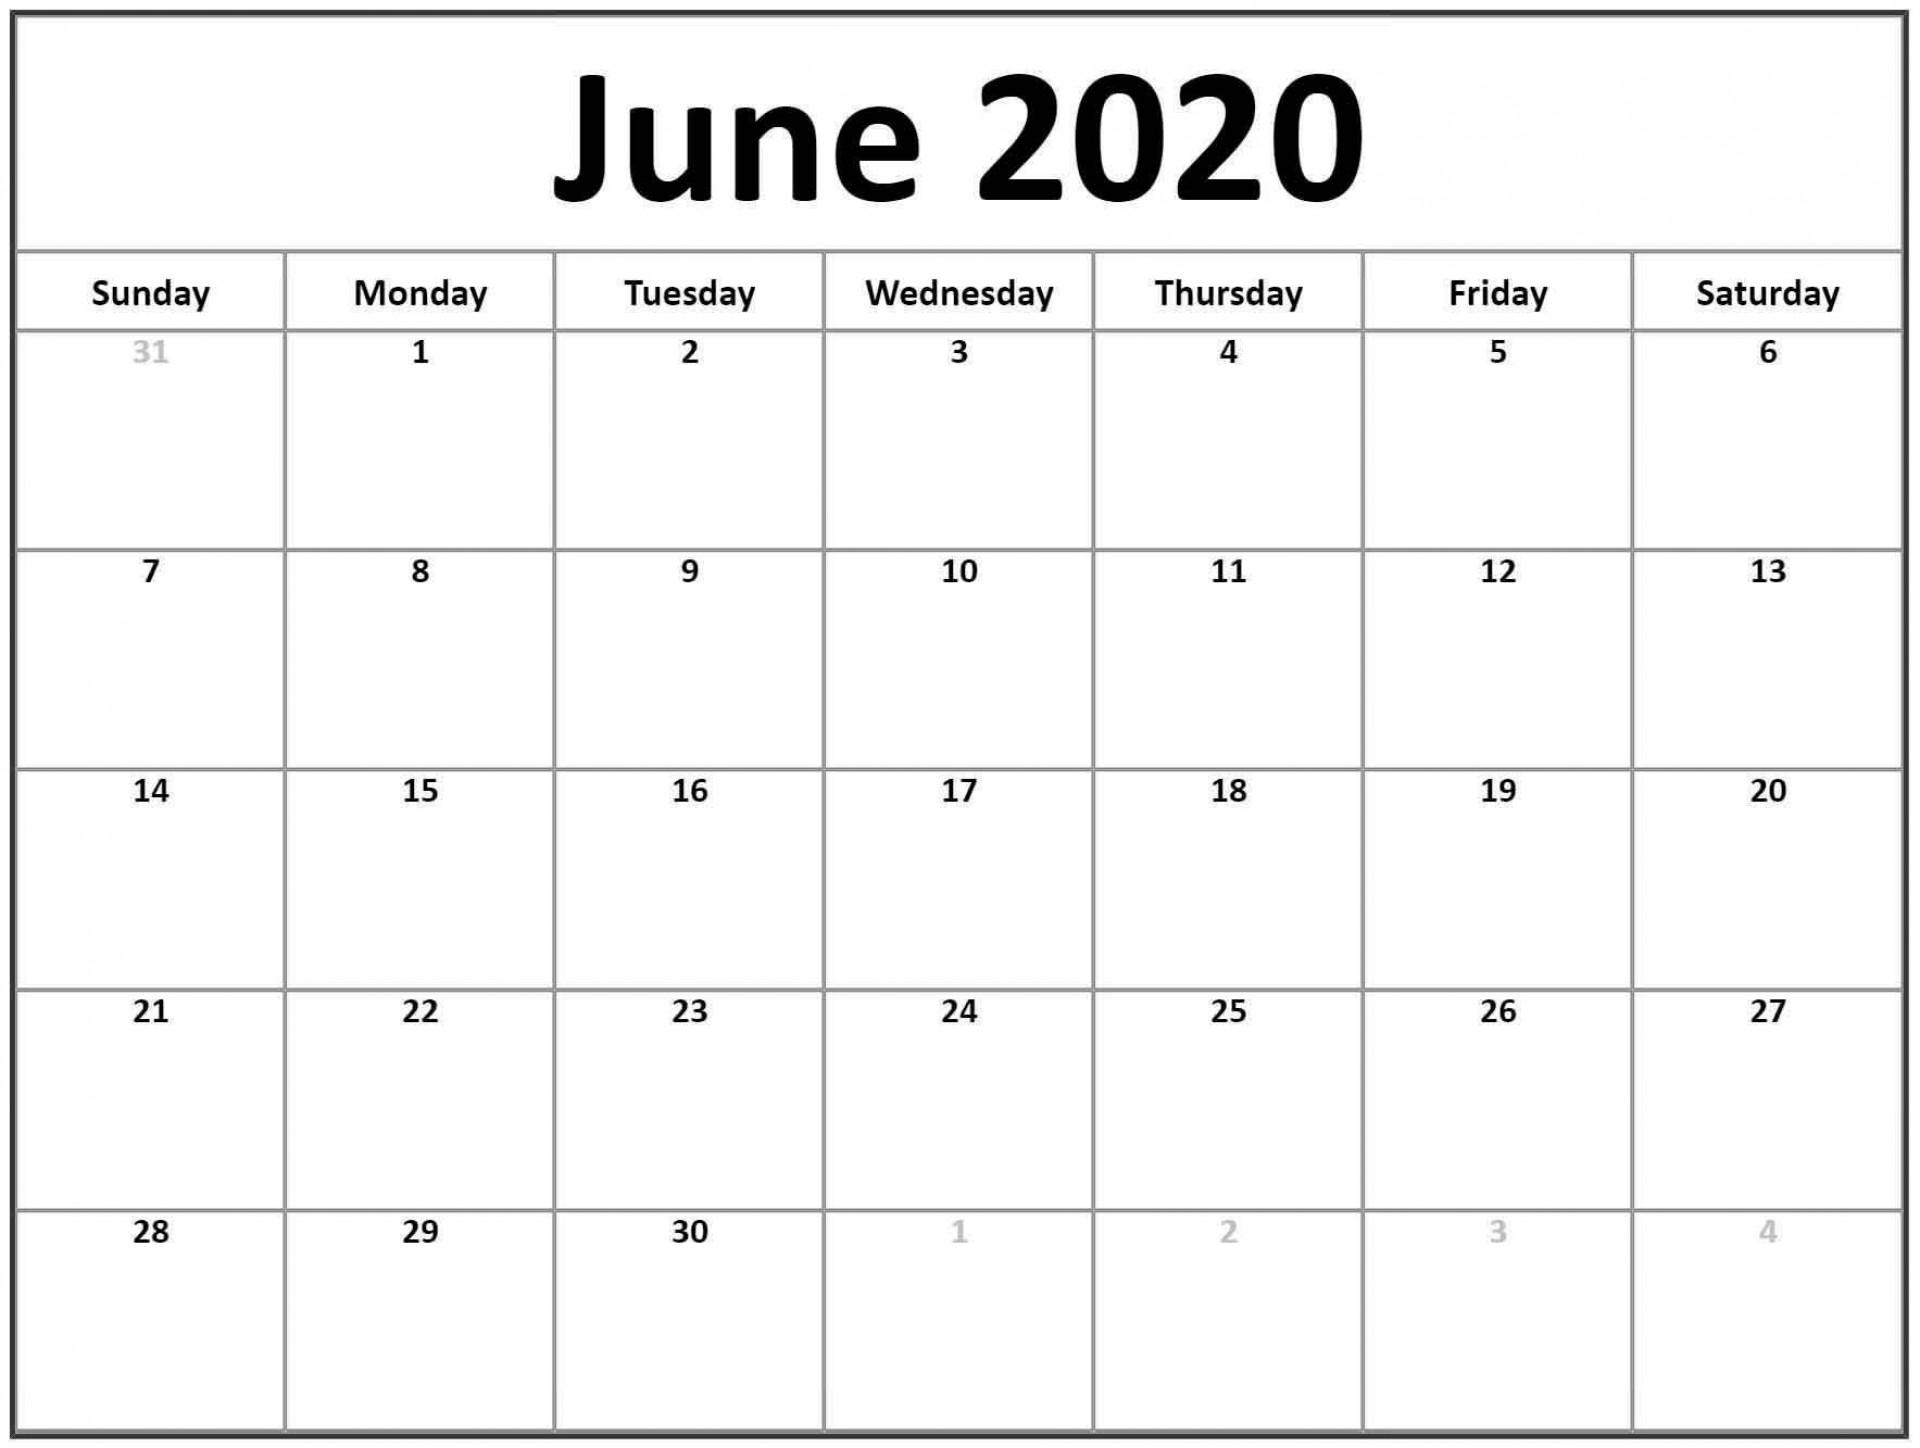 008 Incredible Printable Calendar Template June 2020 Photo  Free1920